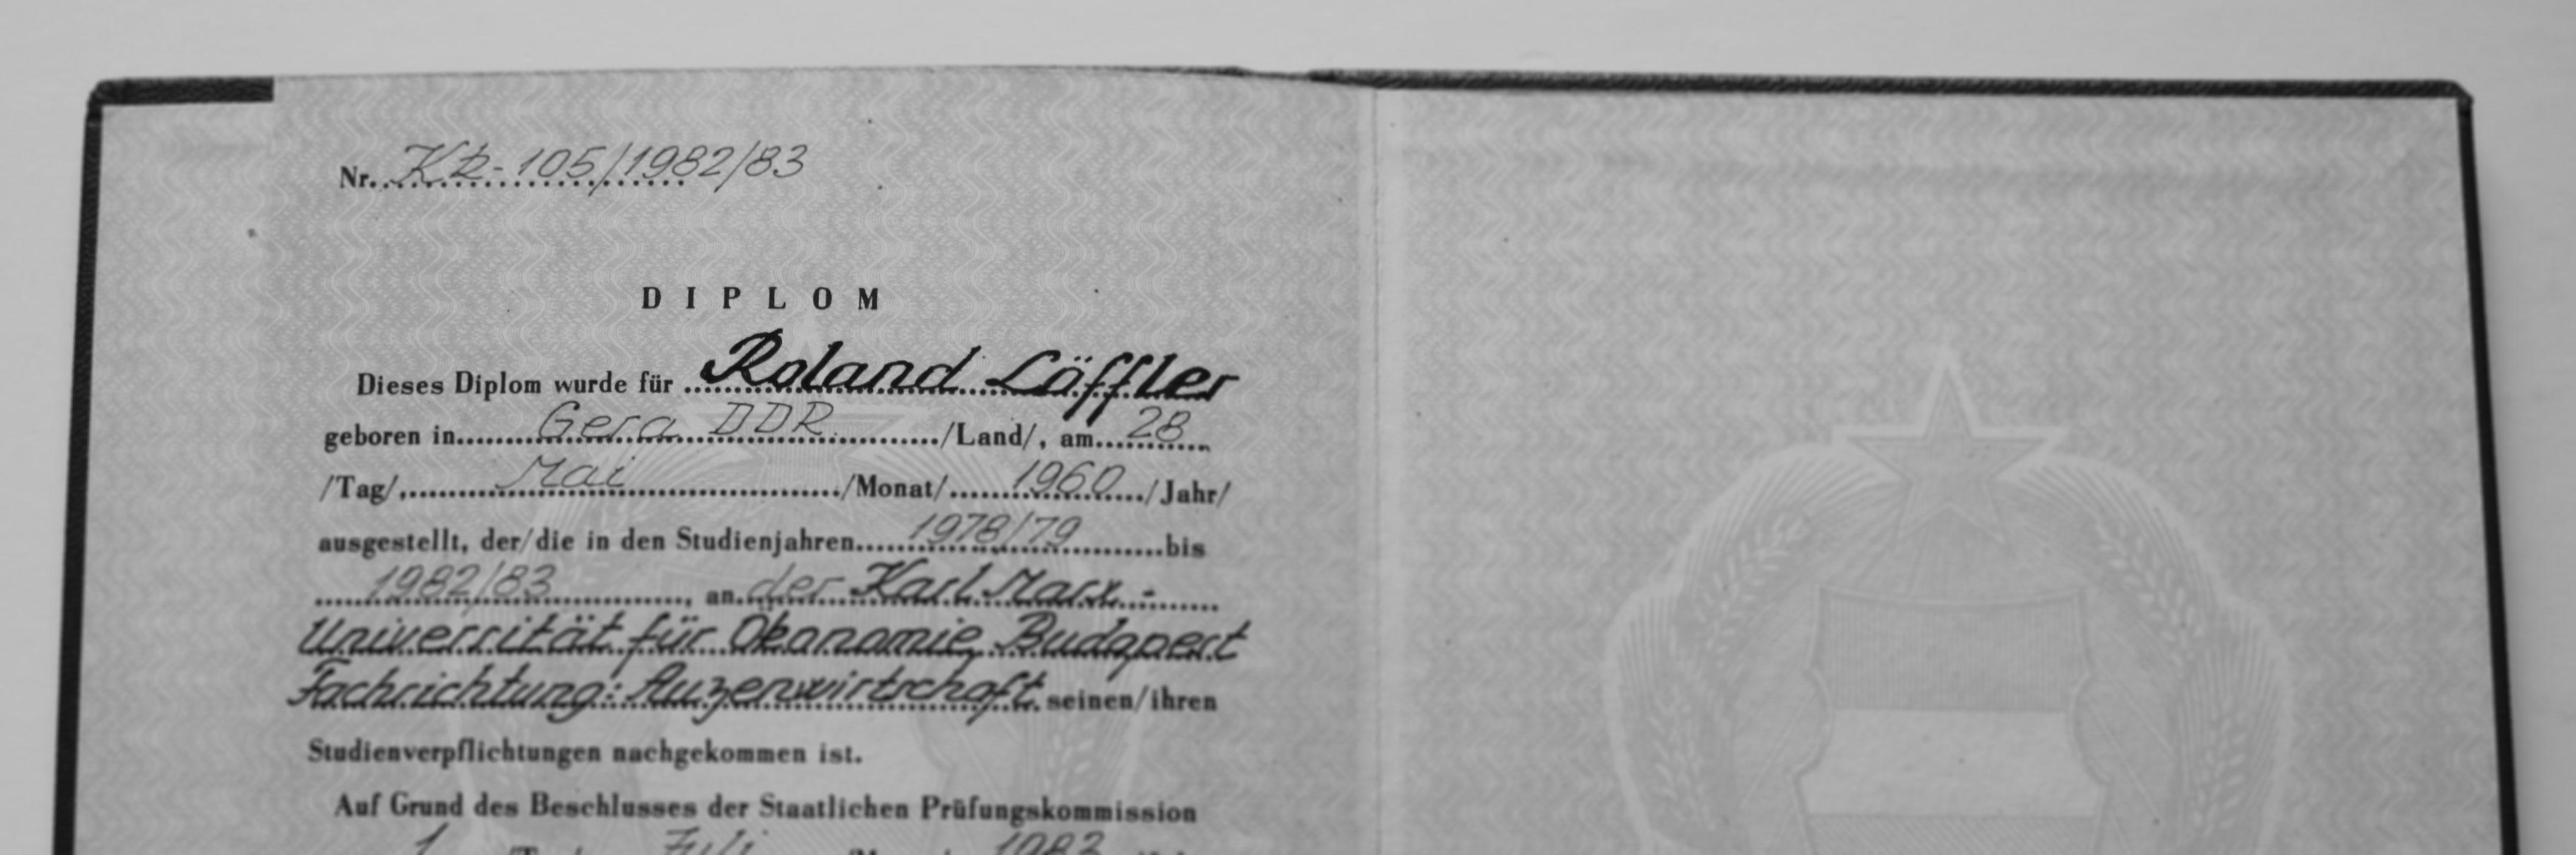 Diplom von Roland Löffler